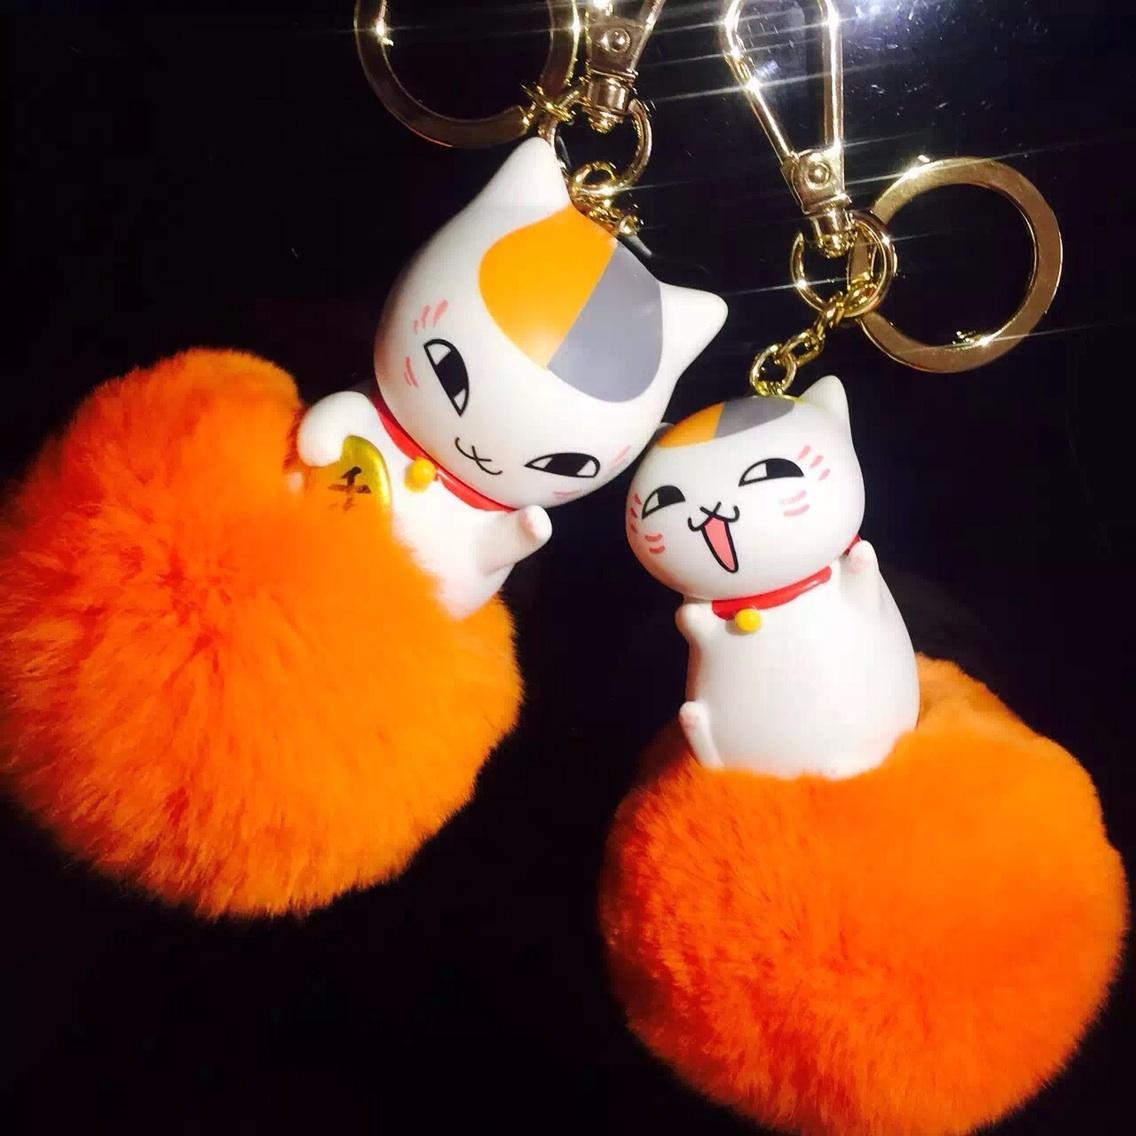 好货一生推#小贱猫~毛茸茸的是兔毛噢~表情好贱噢~ #猫咪手工制作图片